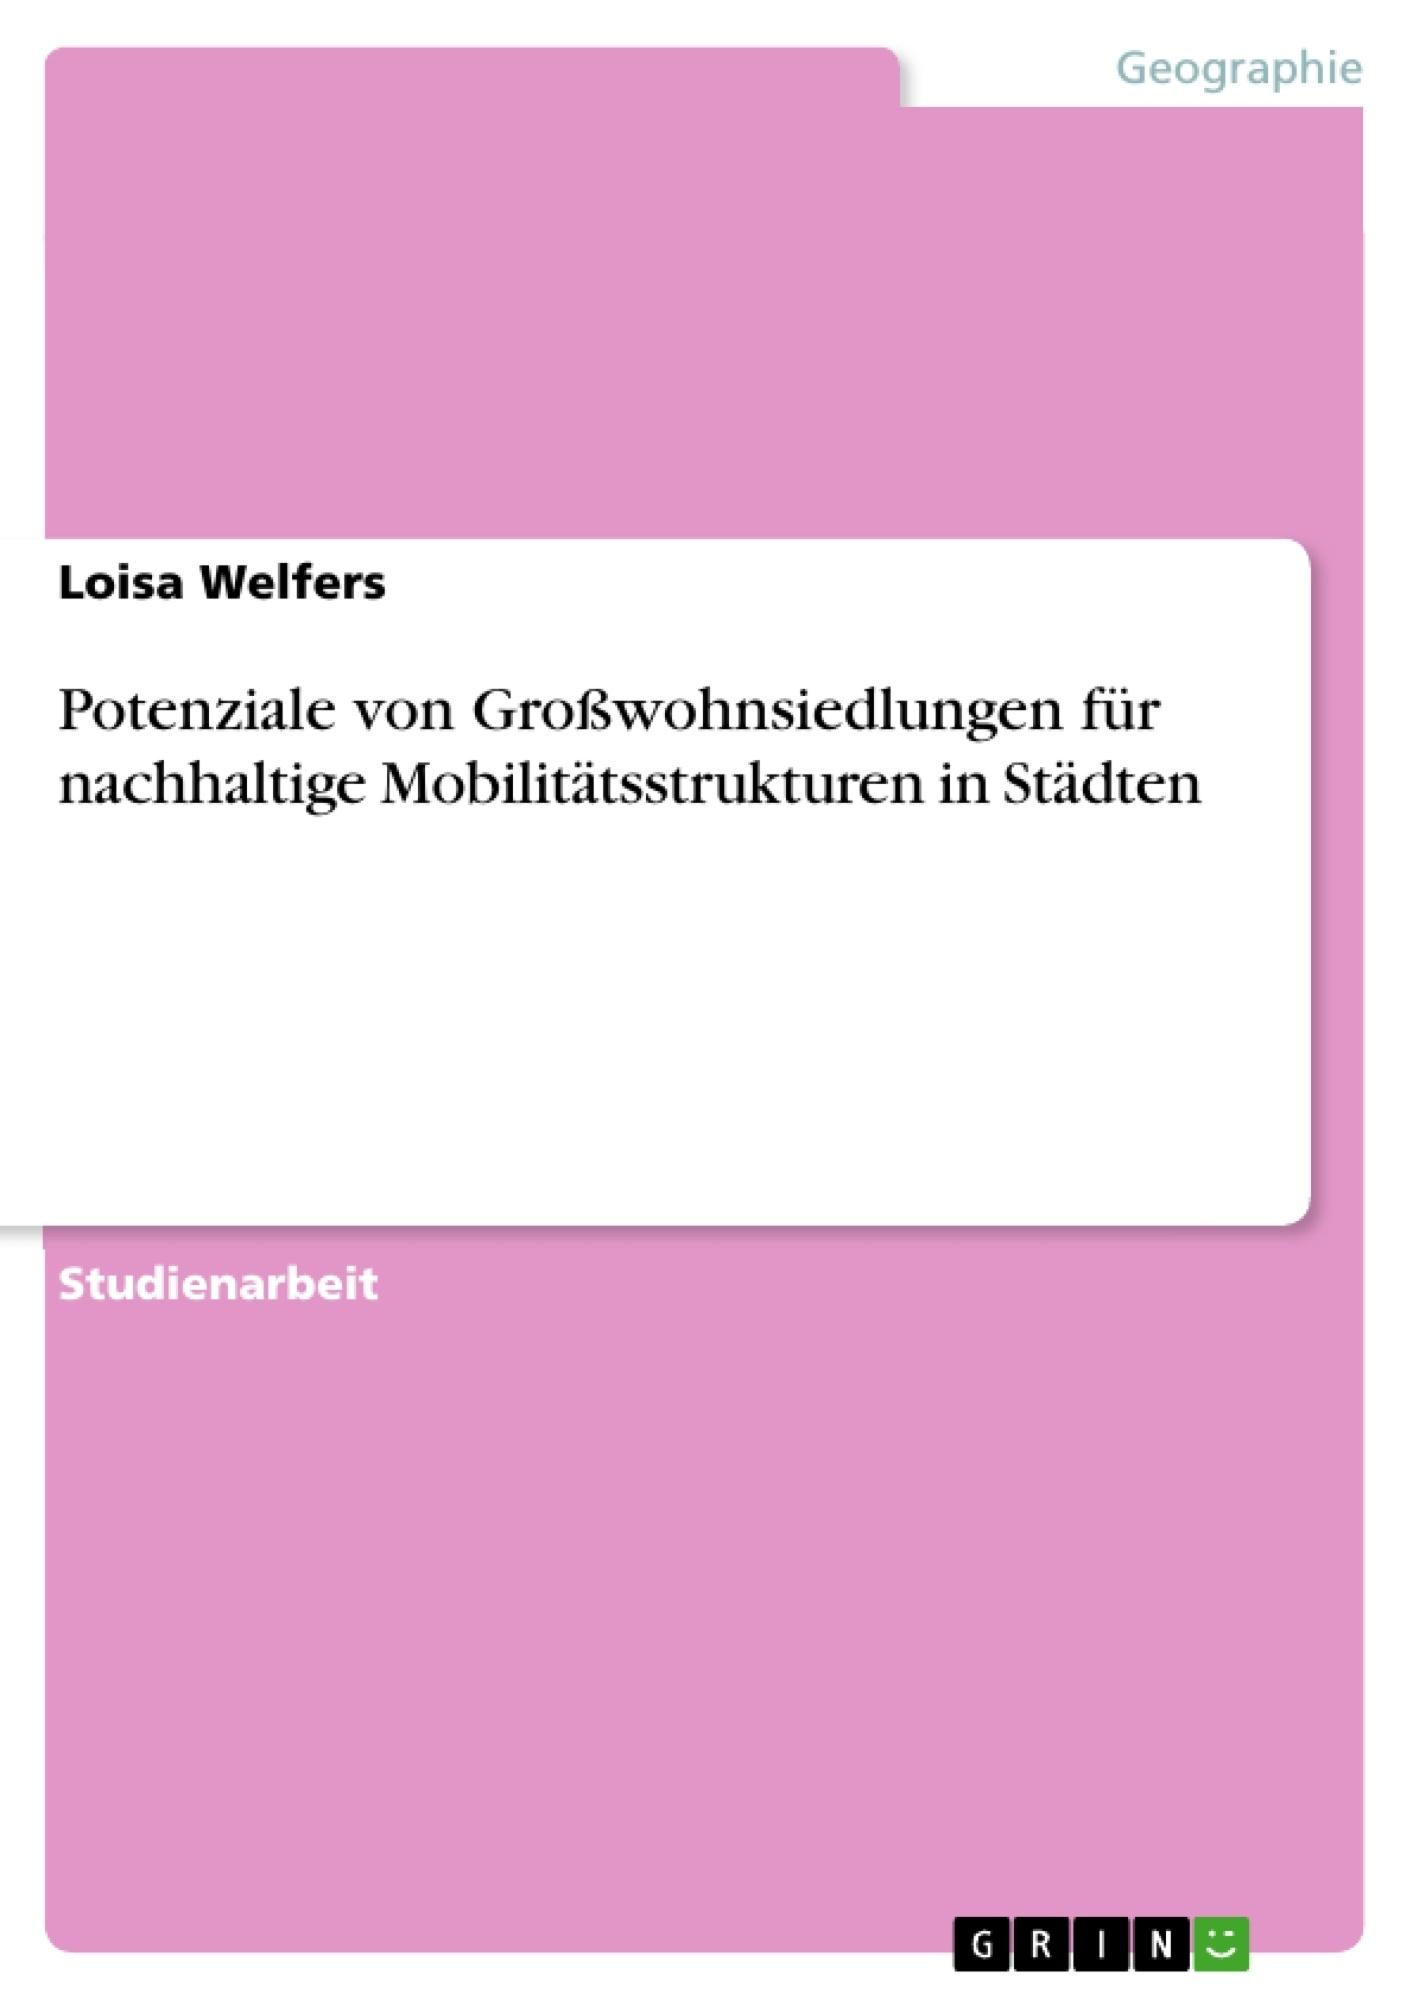 Titel: Potenziale von Großwohnsiedlungen für nachhaltige Mobilitätsstrukturen in Städten